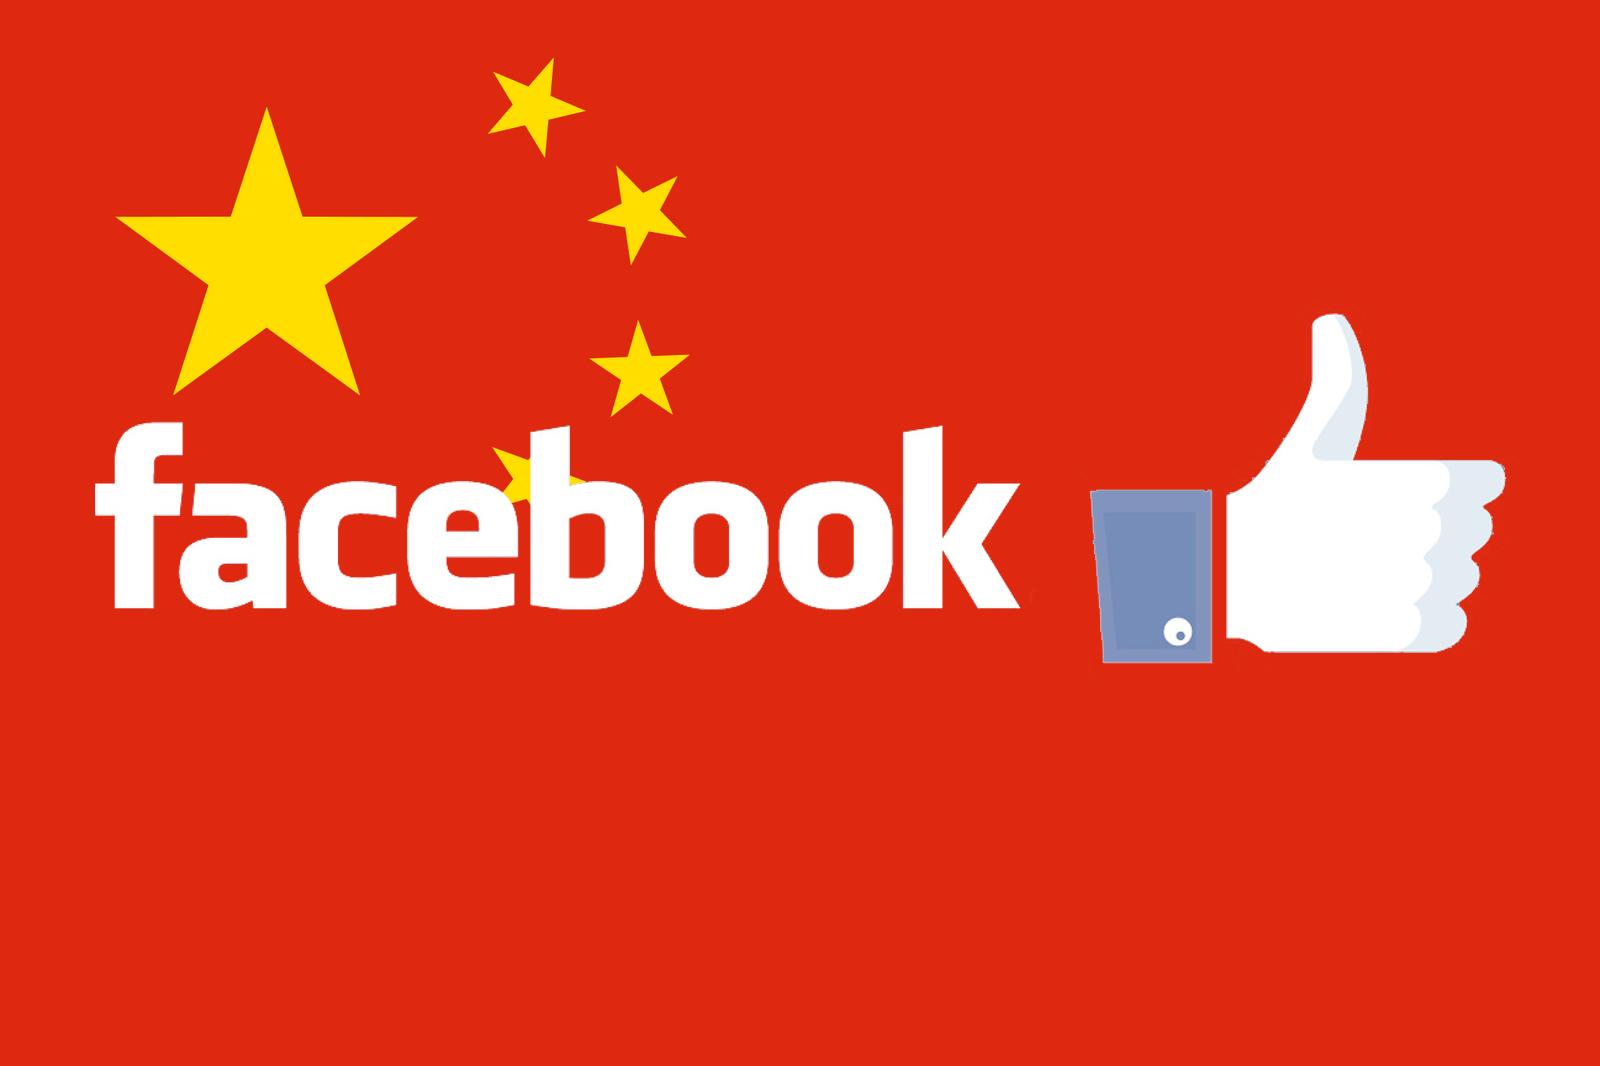 Jak Facebook w¶lizguje siê na chiñski rynek